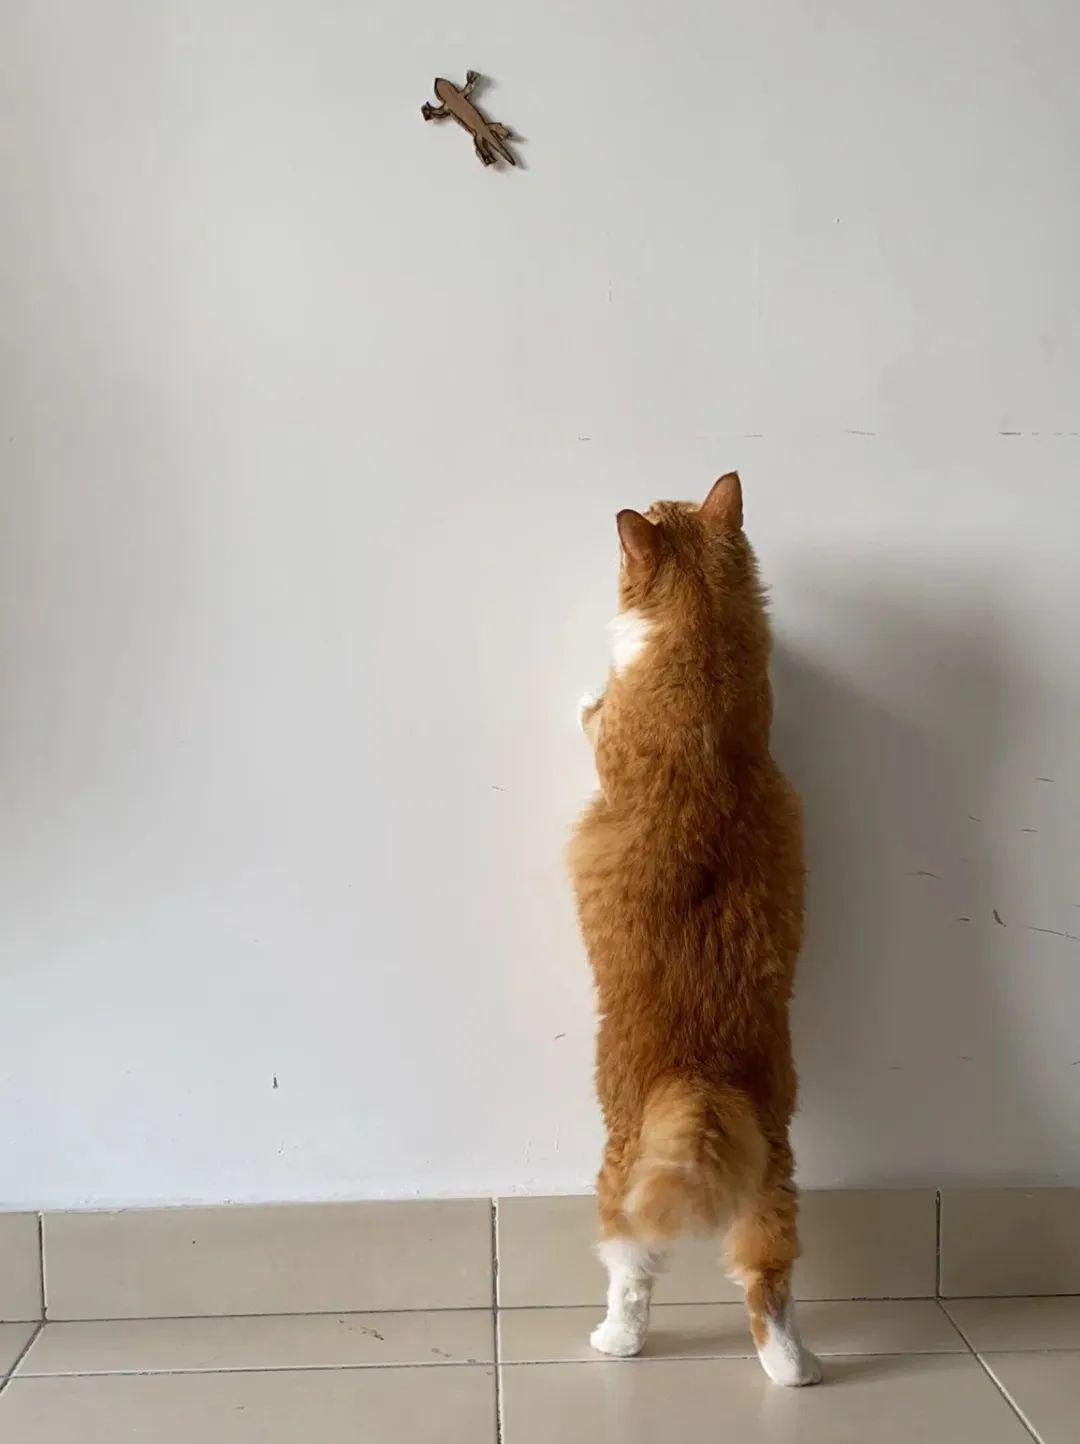 原本我只想耍耍自己家猫,没想到…最后把全网的猫都给骗了!